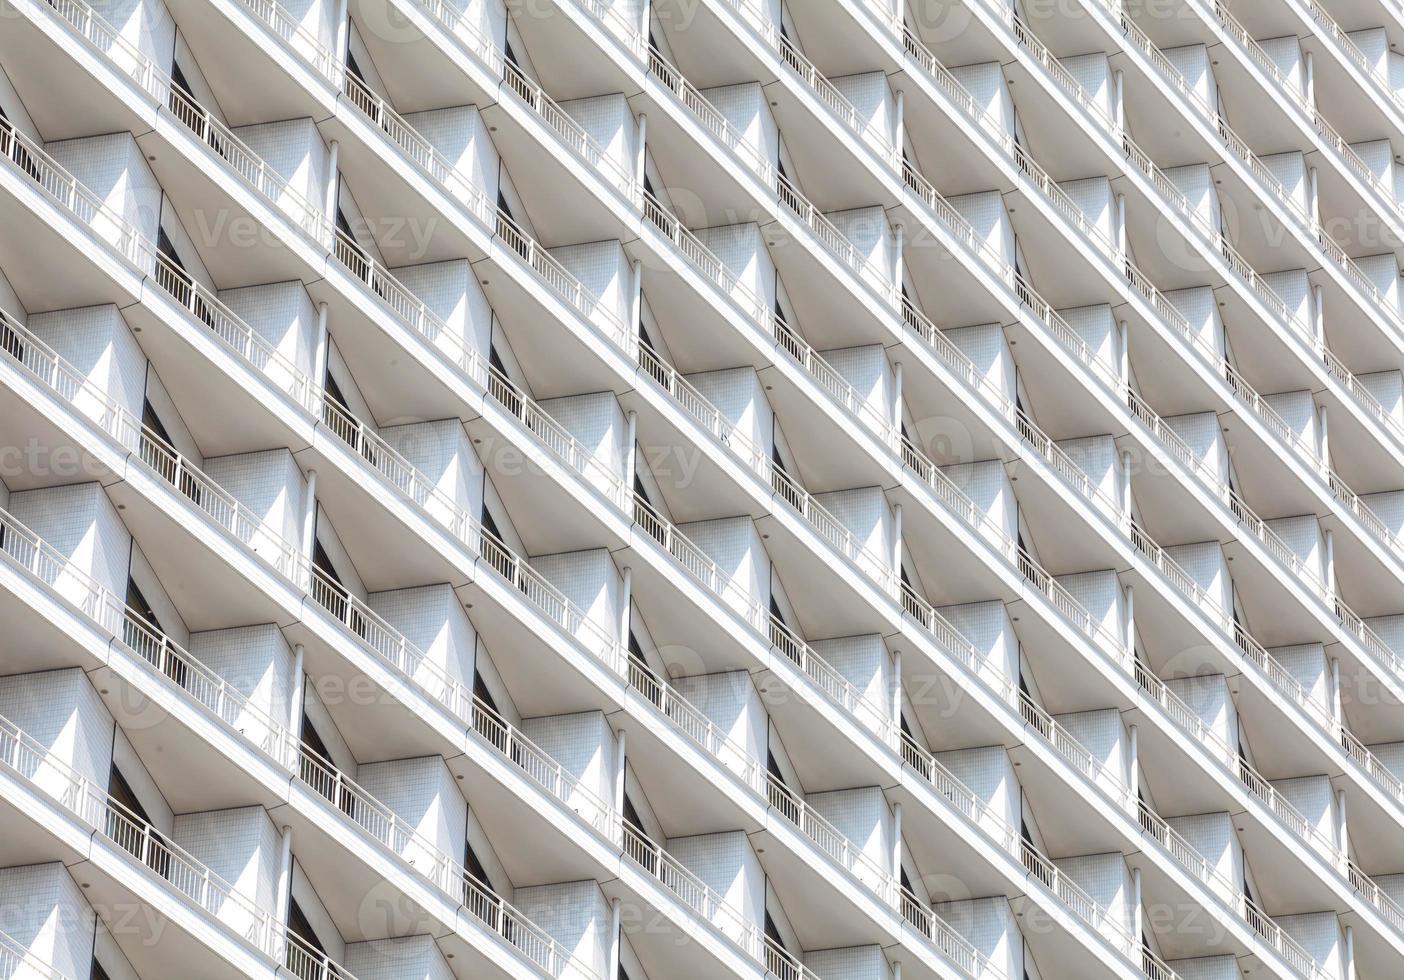 detalhe das janelas em arranha-céus foto